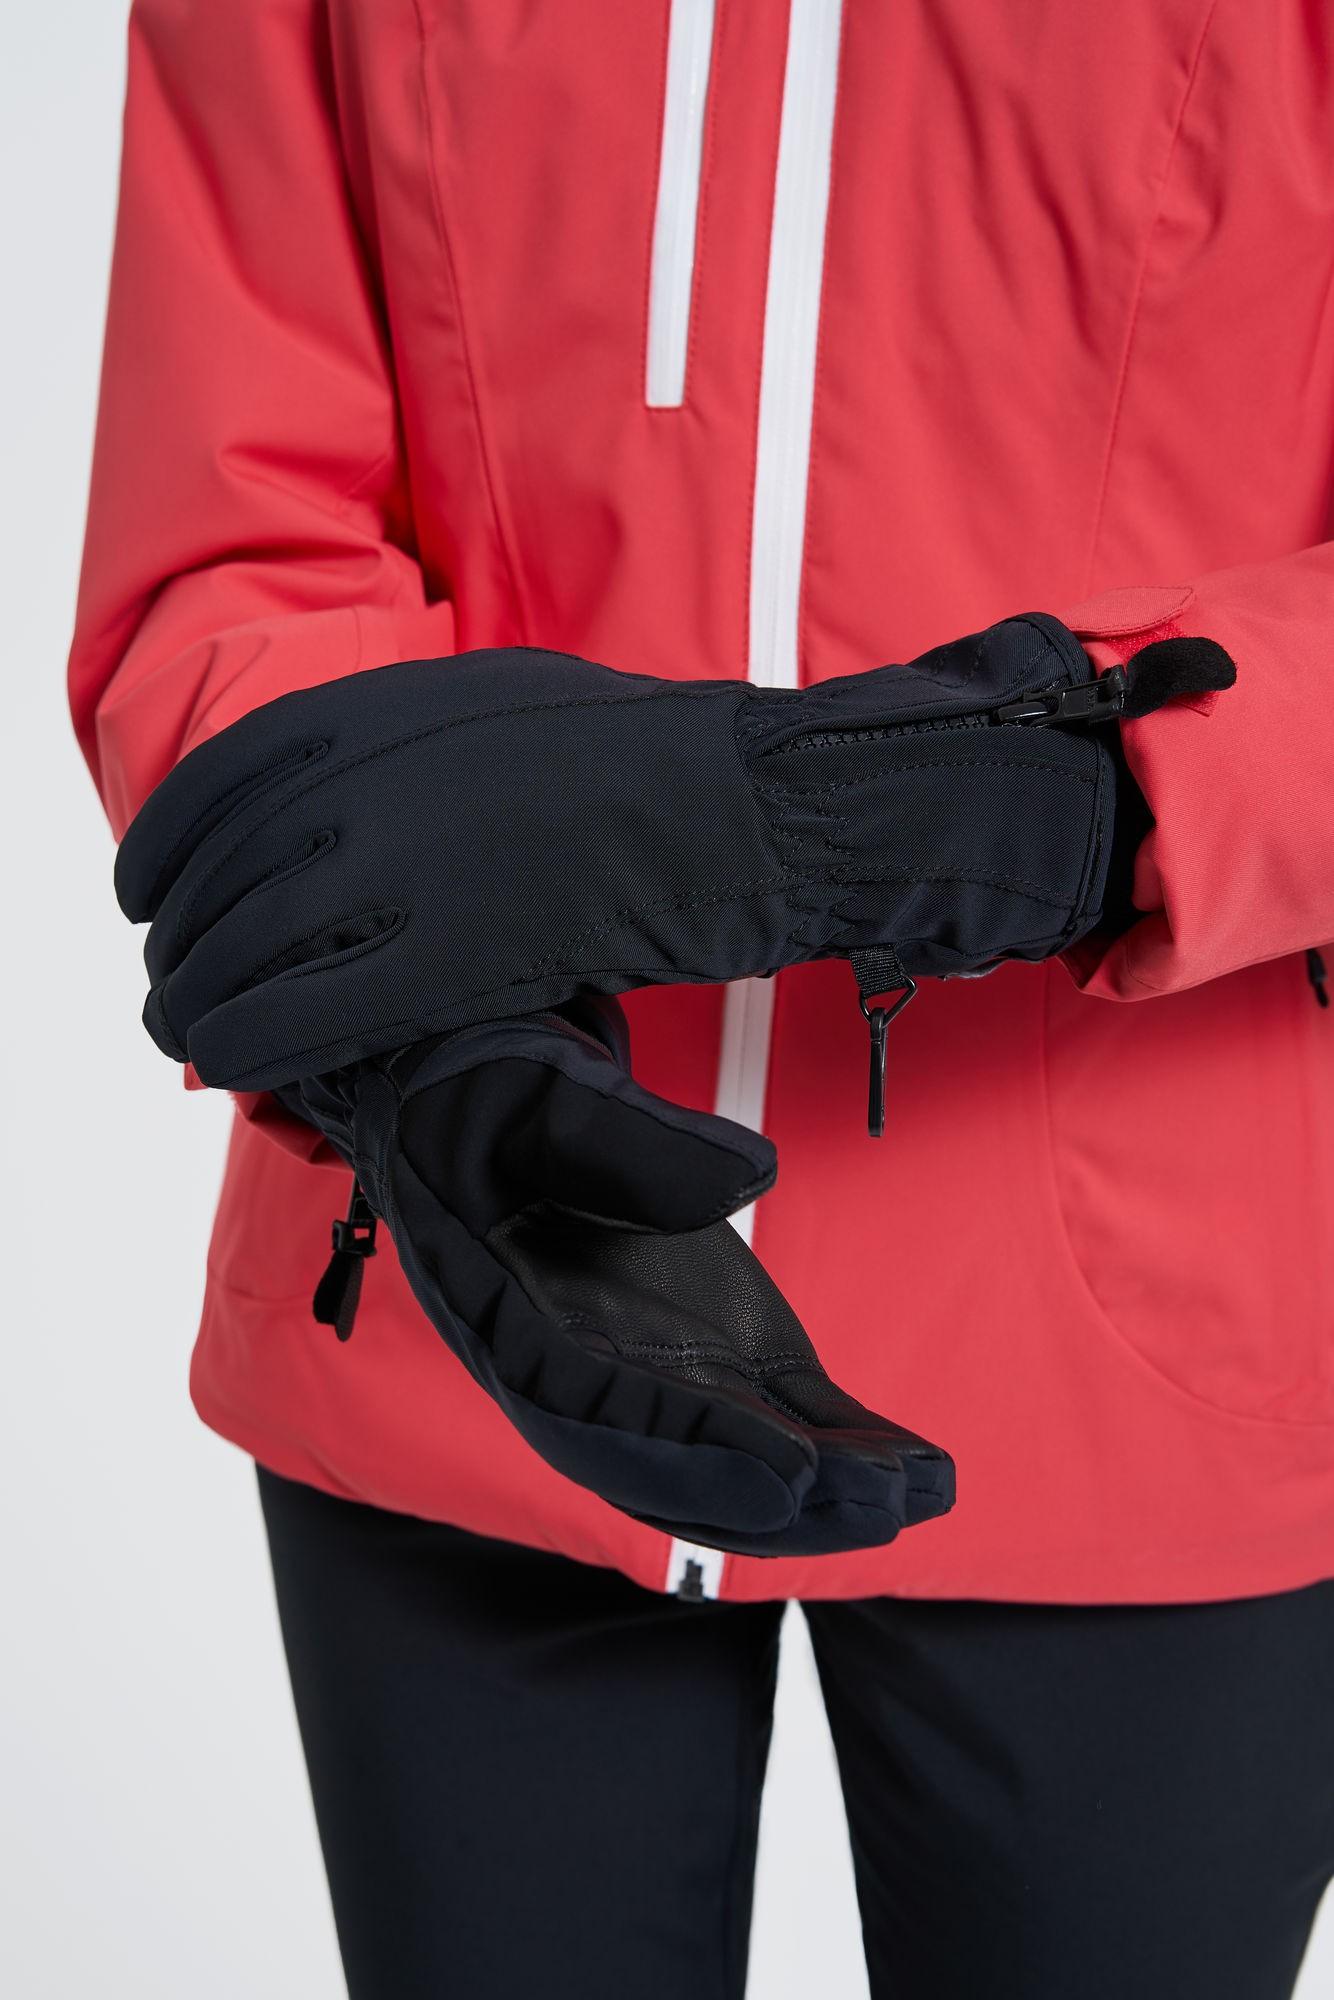 AUDIMAS Moteriškos pirštinės slidinėjimui 1-08-11 Black M